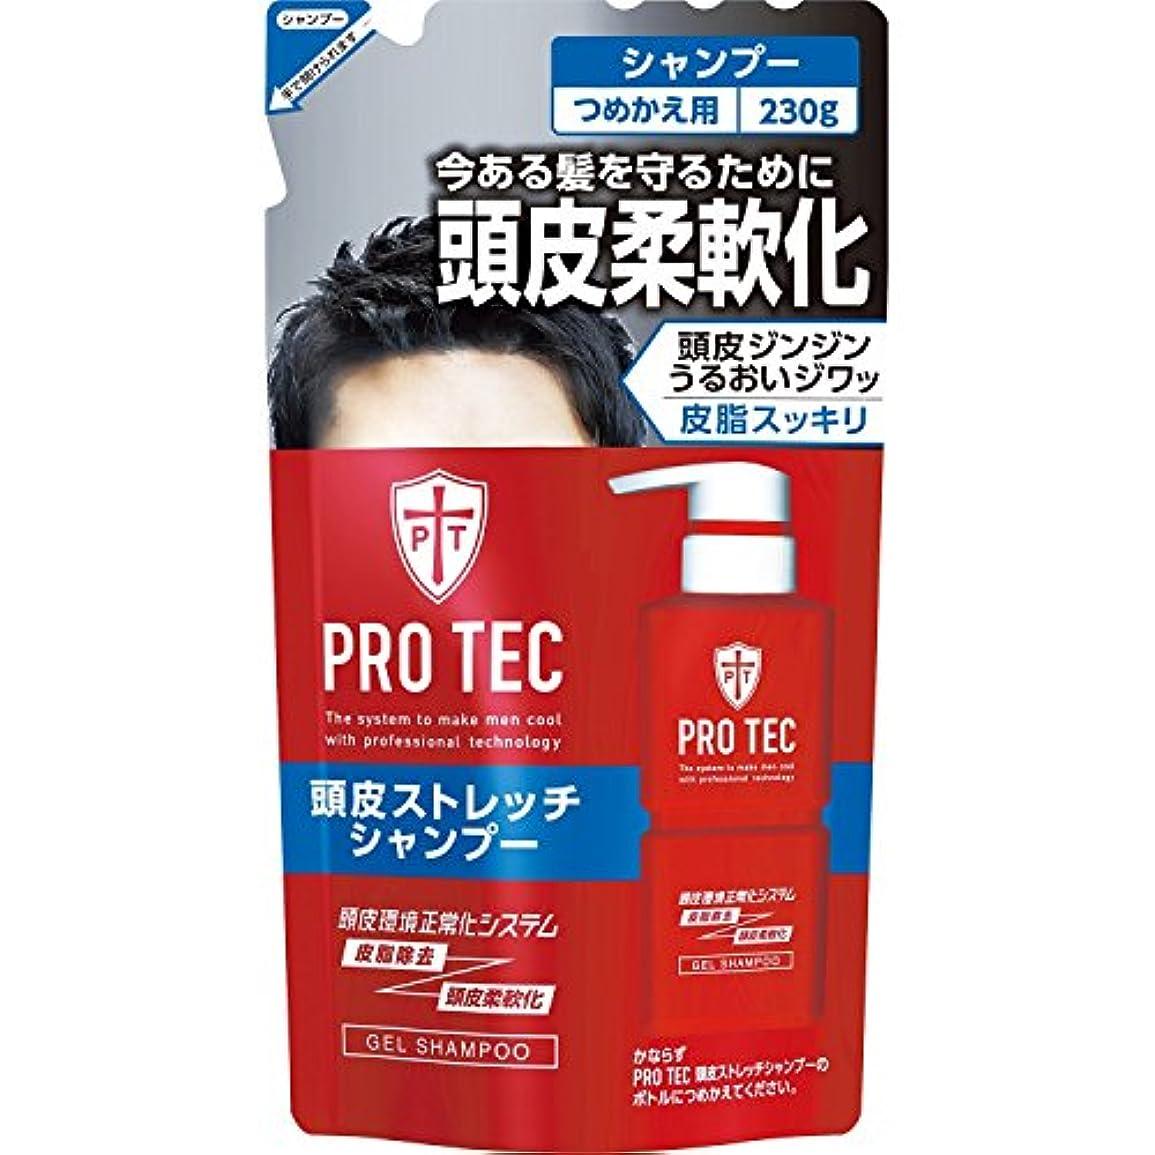 作り処分したから聞くPRO TEC(プロテク) 頭皮ストレッチ シャンプー 詰め替え 230g(医薬部外品)